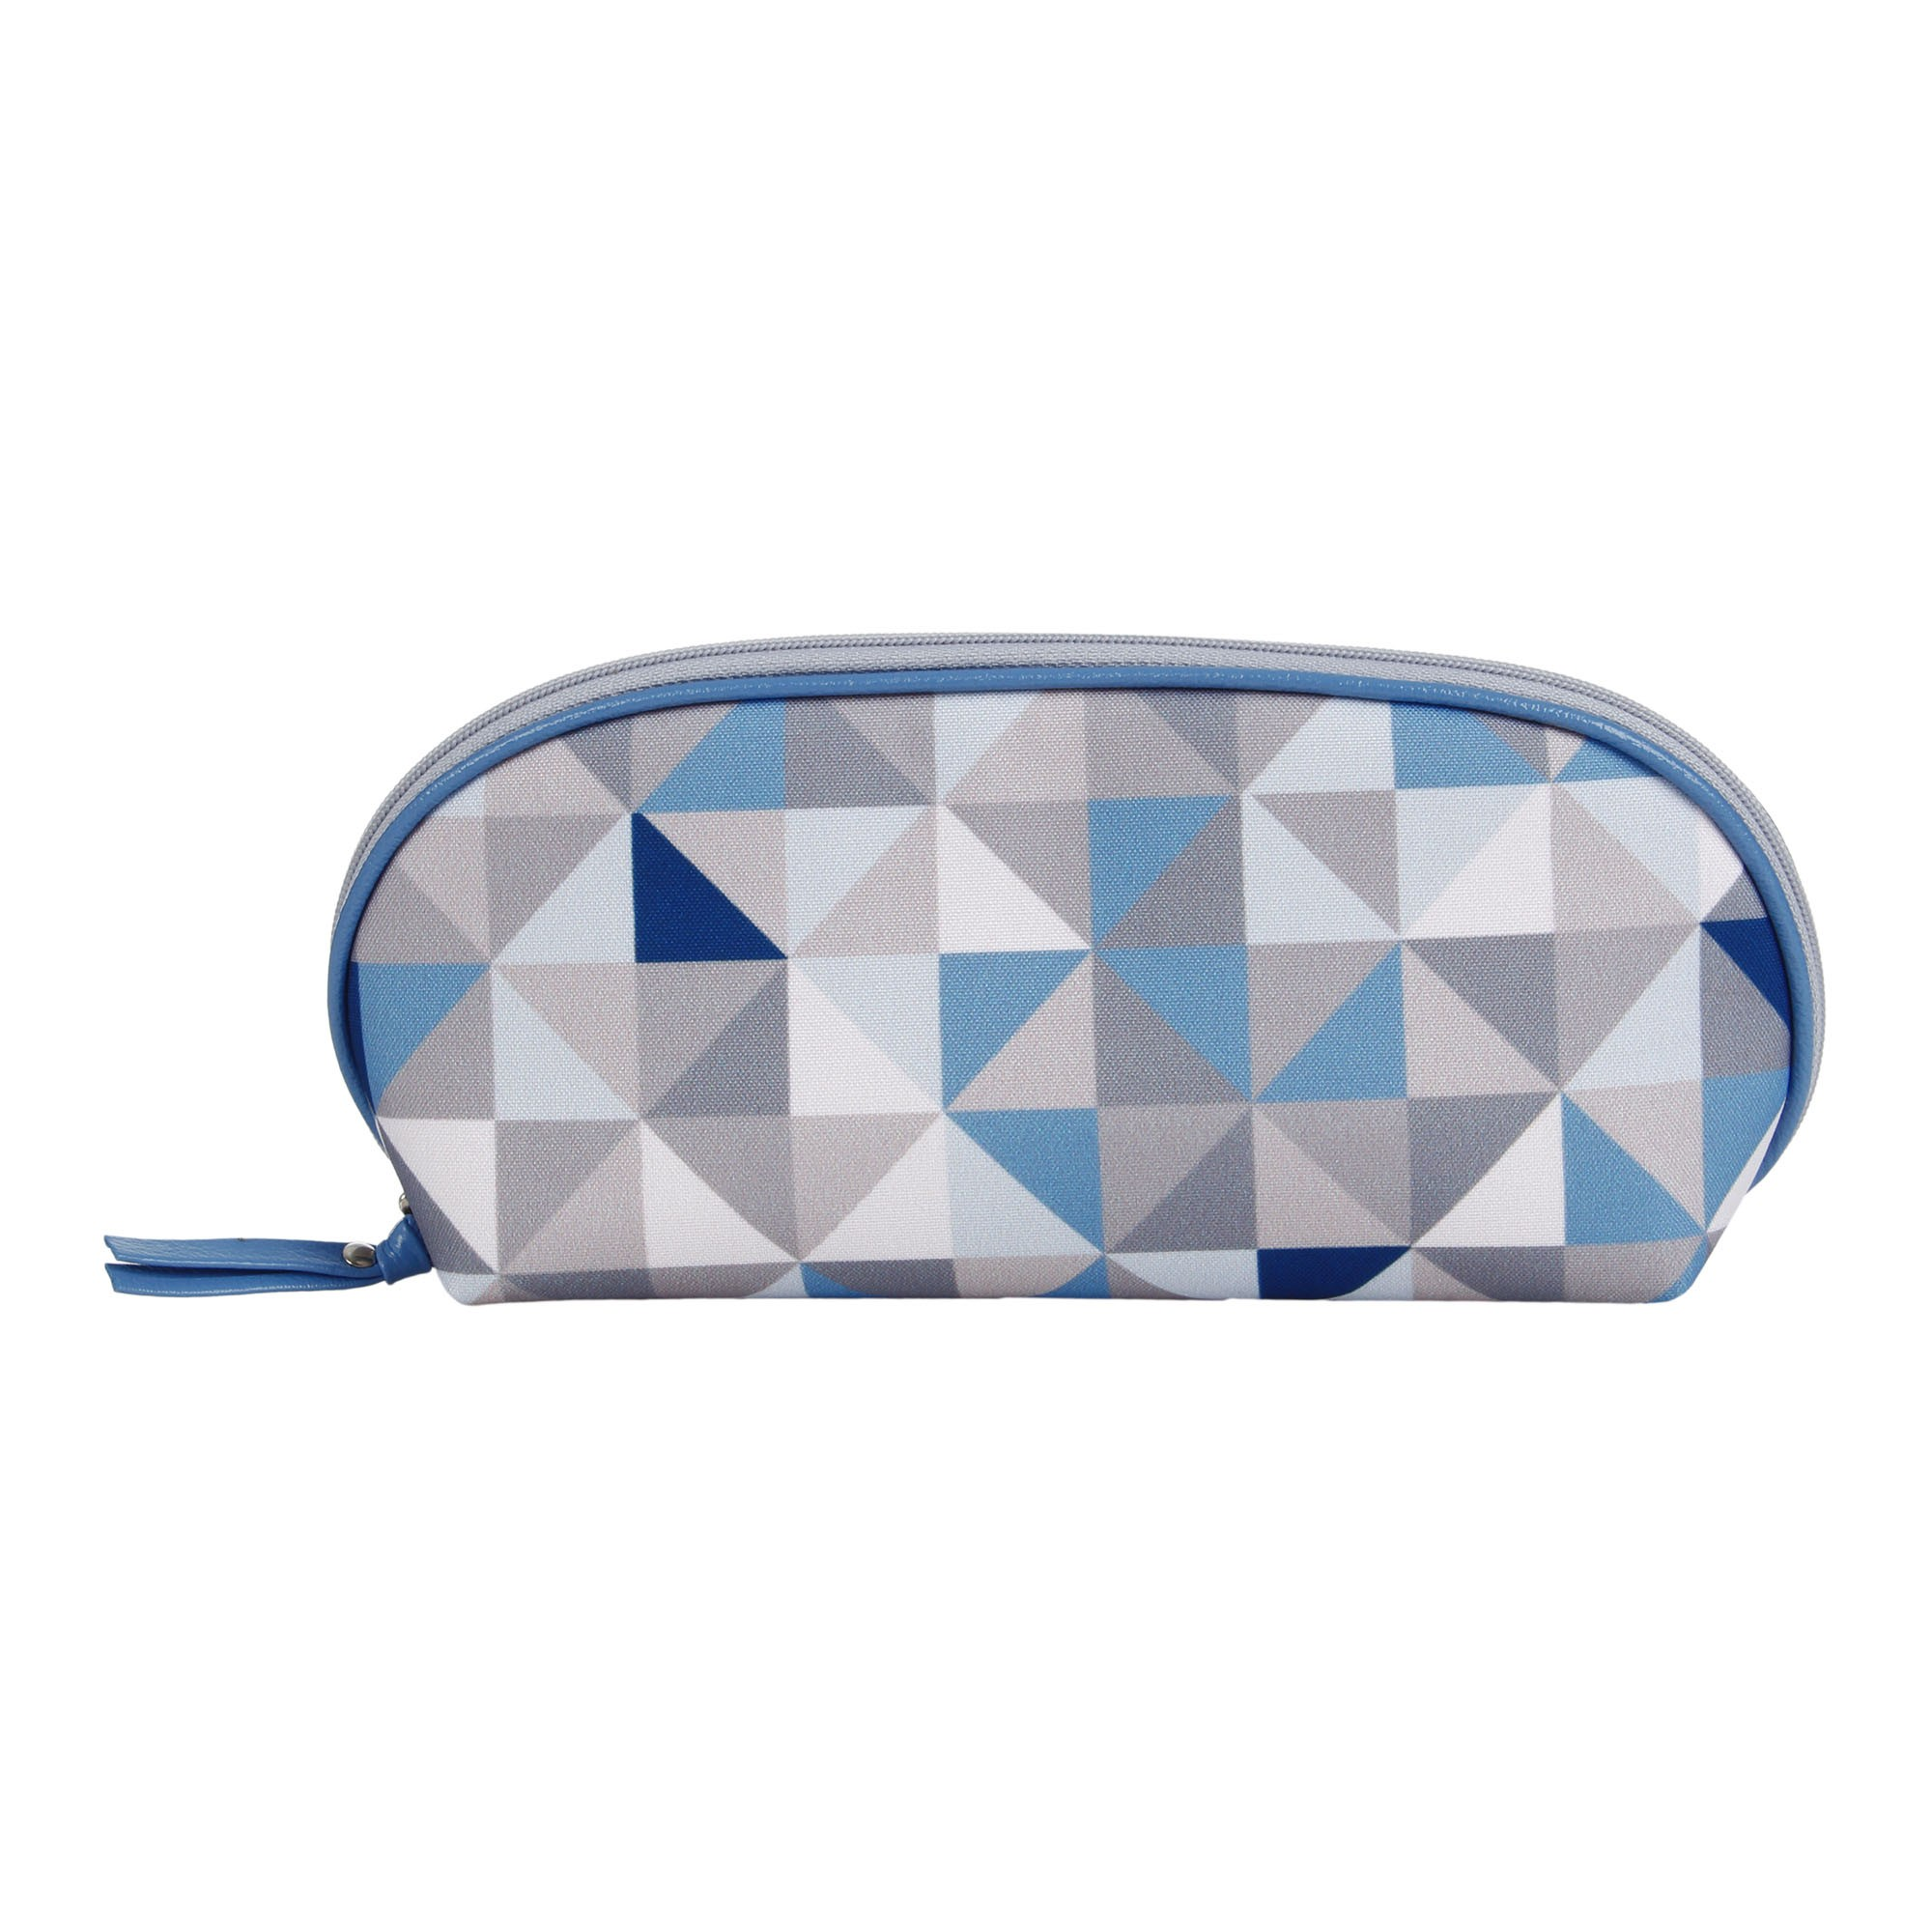 Necessaire Térmica Geometric Azul